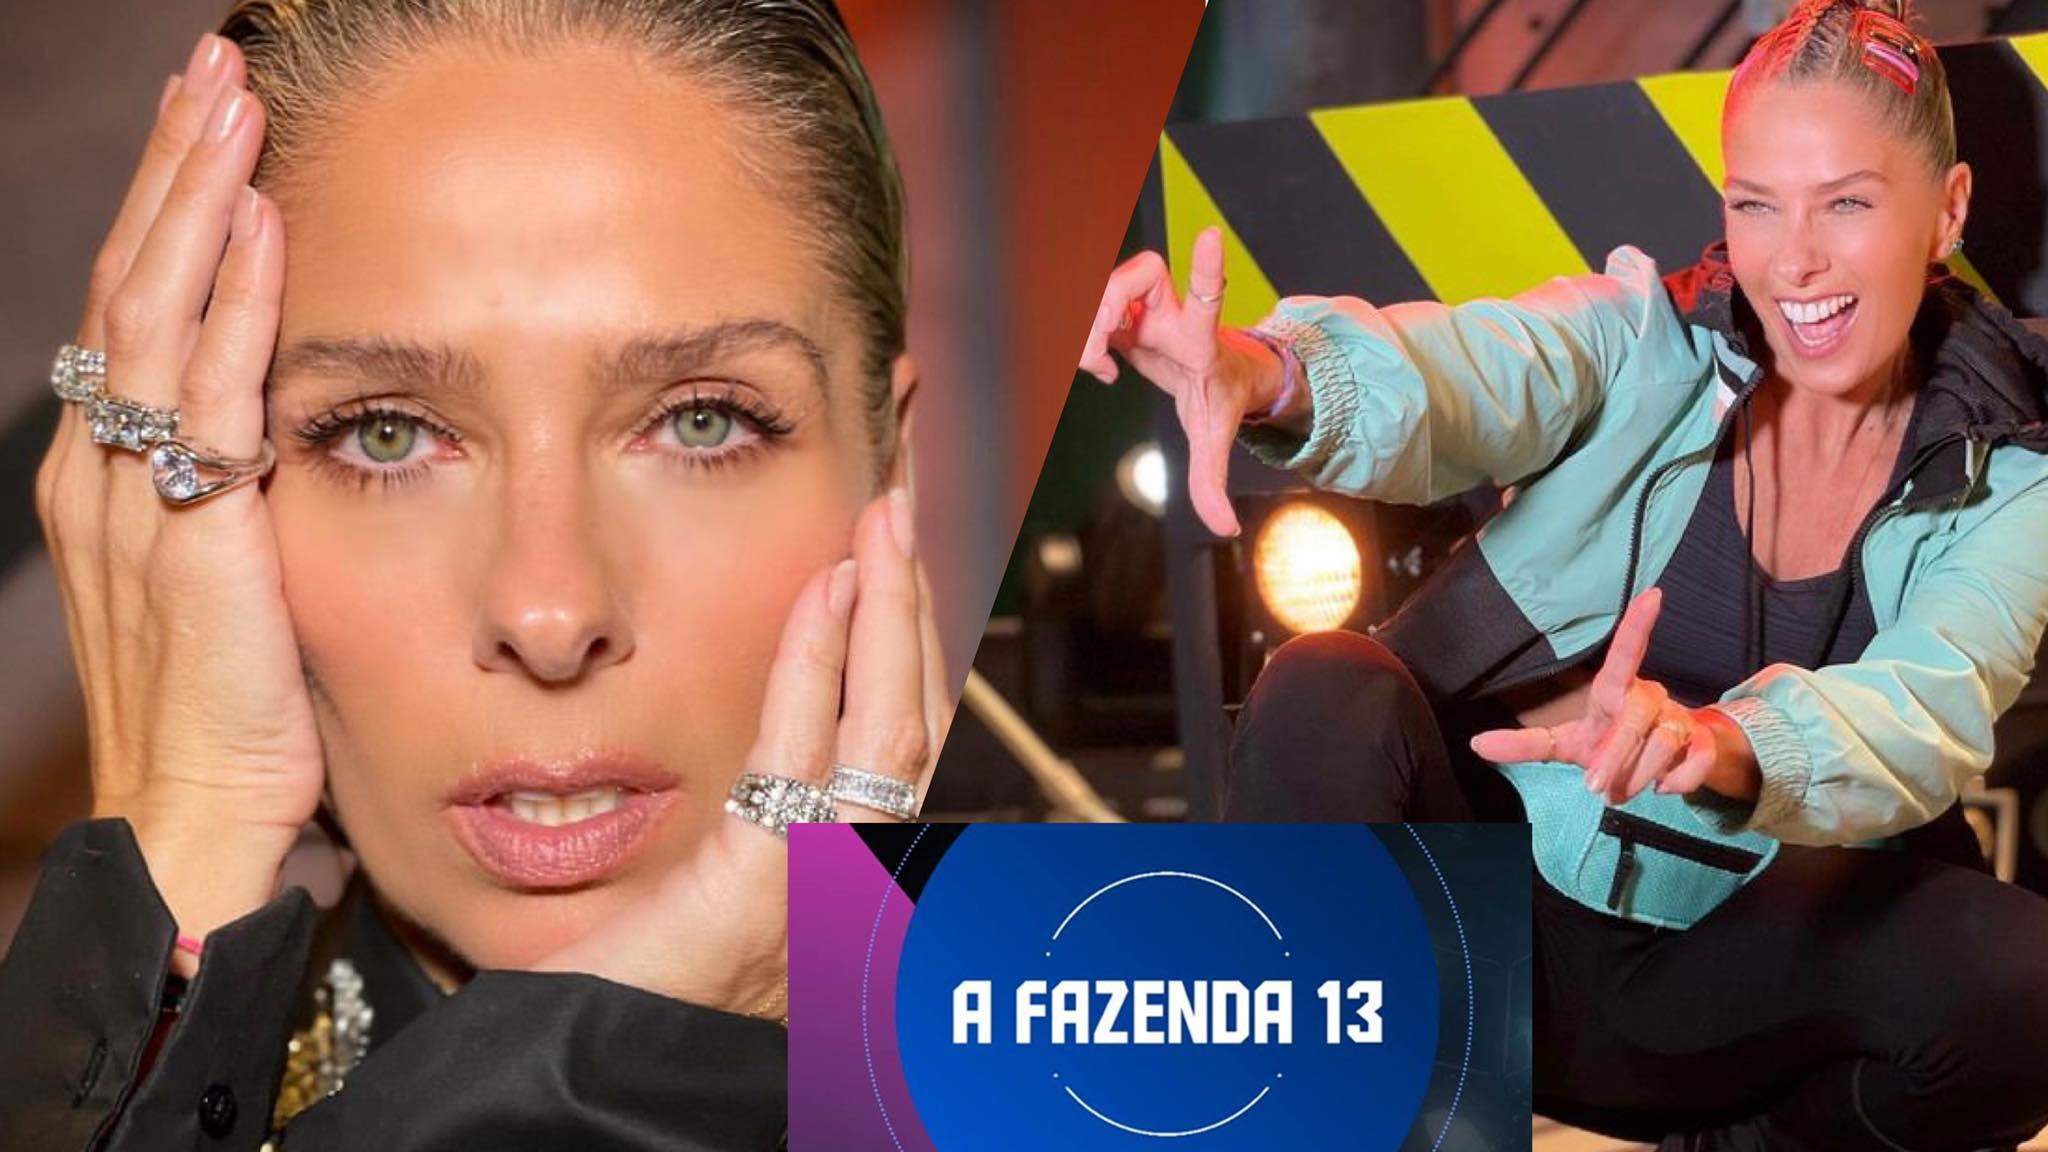 Adriane Galisteu traz mais força à Fazenda 13 após ser confirmada como apresentadora (montagem: Fashion Bubbles)